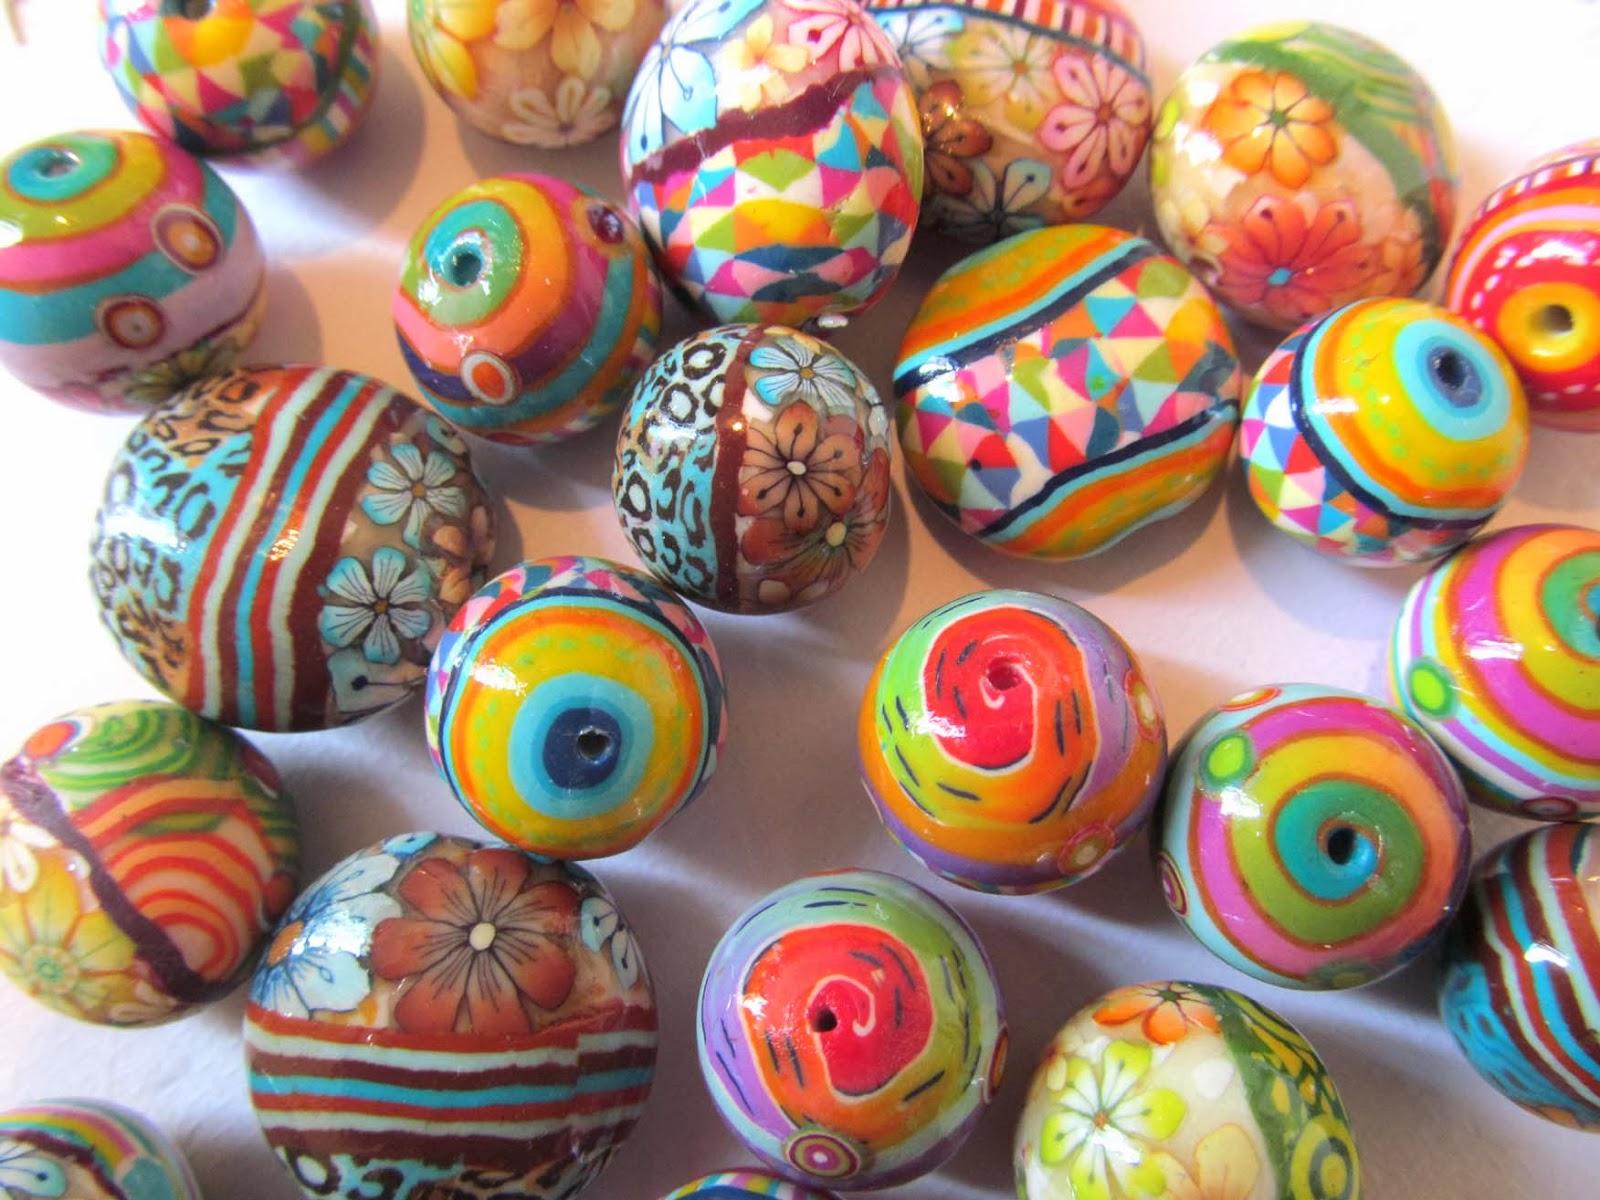 חימר פולימרי, חרוזי פימו,חרוזי חימר פולימרי,גלילי פימו,גלילי חימר פולימרי fimo beads,polymer clay beads